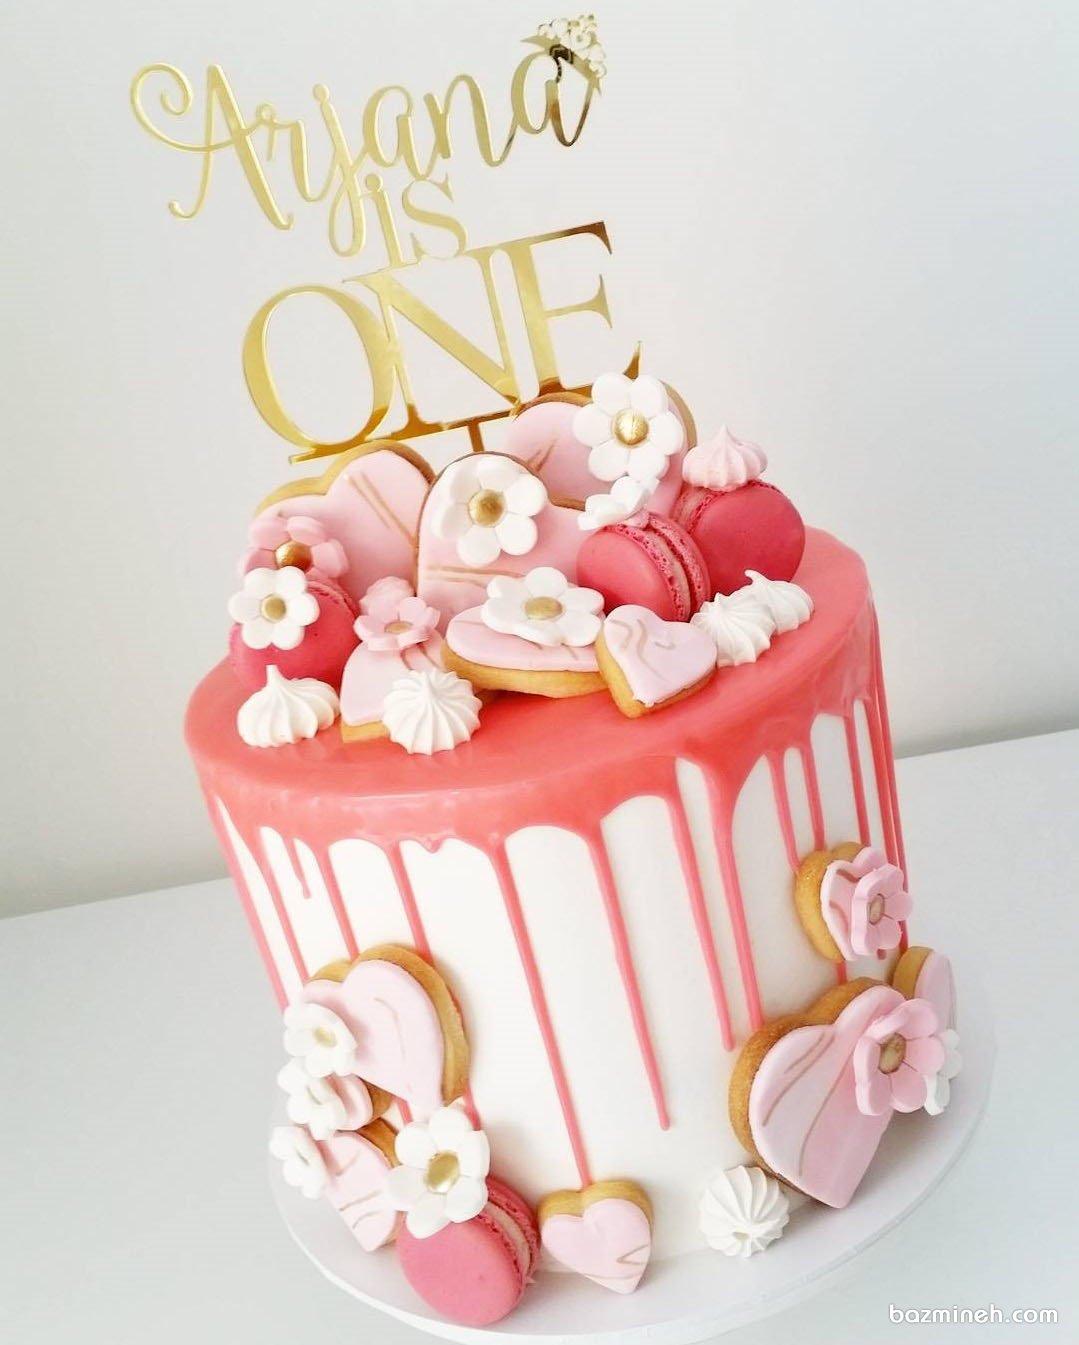 مینی کیک زیبای جشن تولد یکسالگی دخترونه با تم سفید صورتی تزیین شده با کوکی و ماکارون